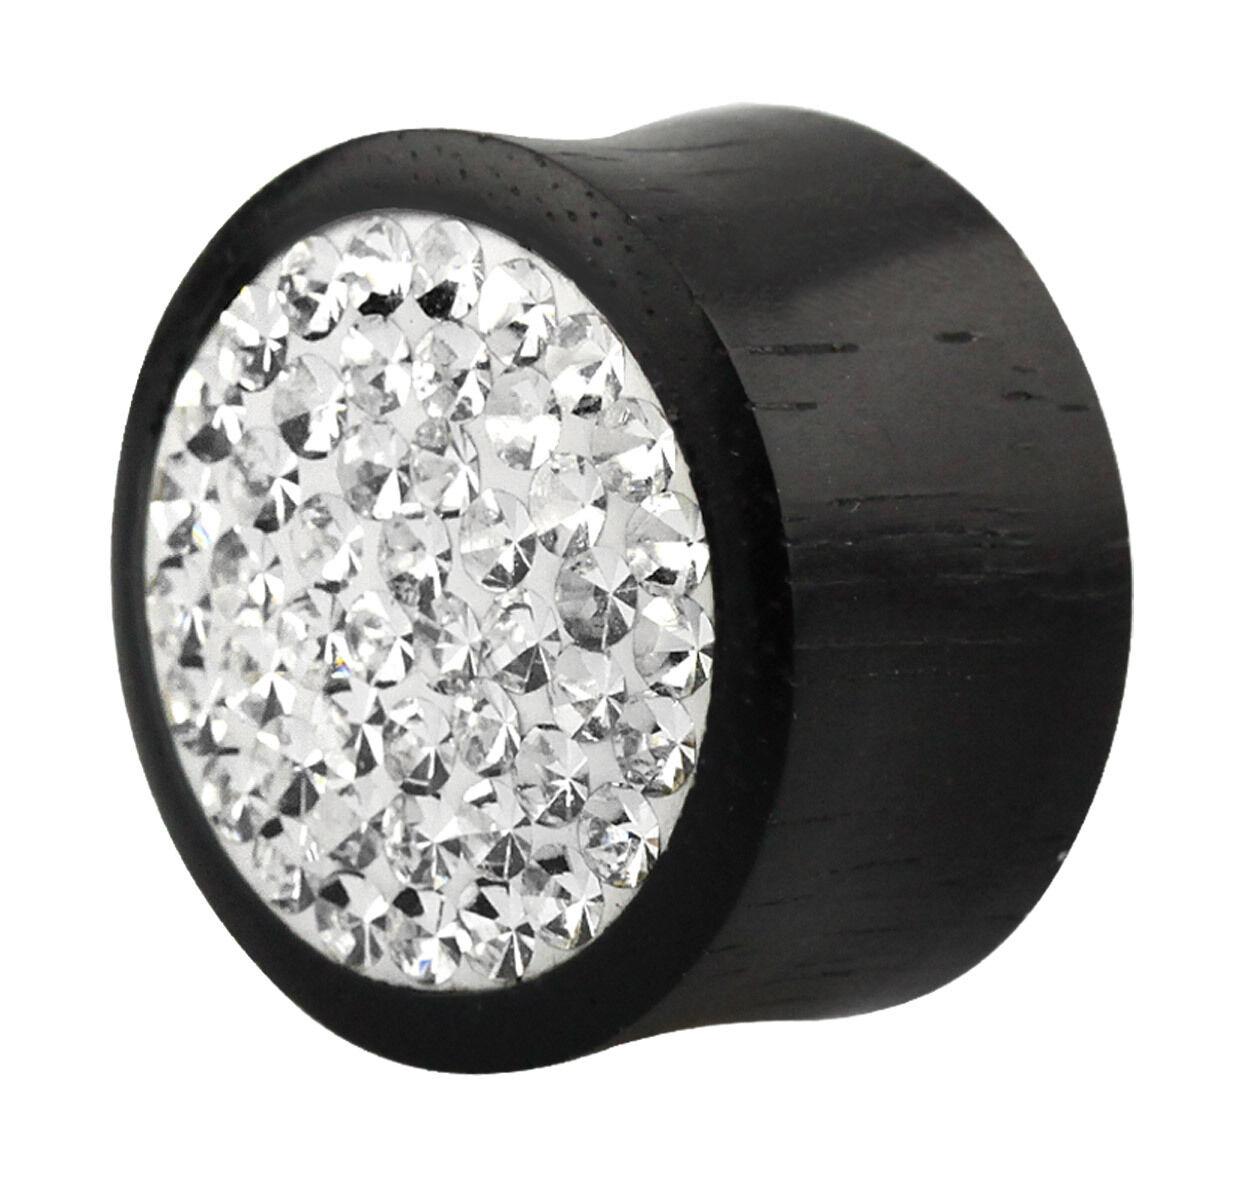 Steine mit Epoxy in 6-16mm Stärke Ohr Piercing Schmuck Holz Plug Tunnel schwarz